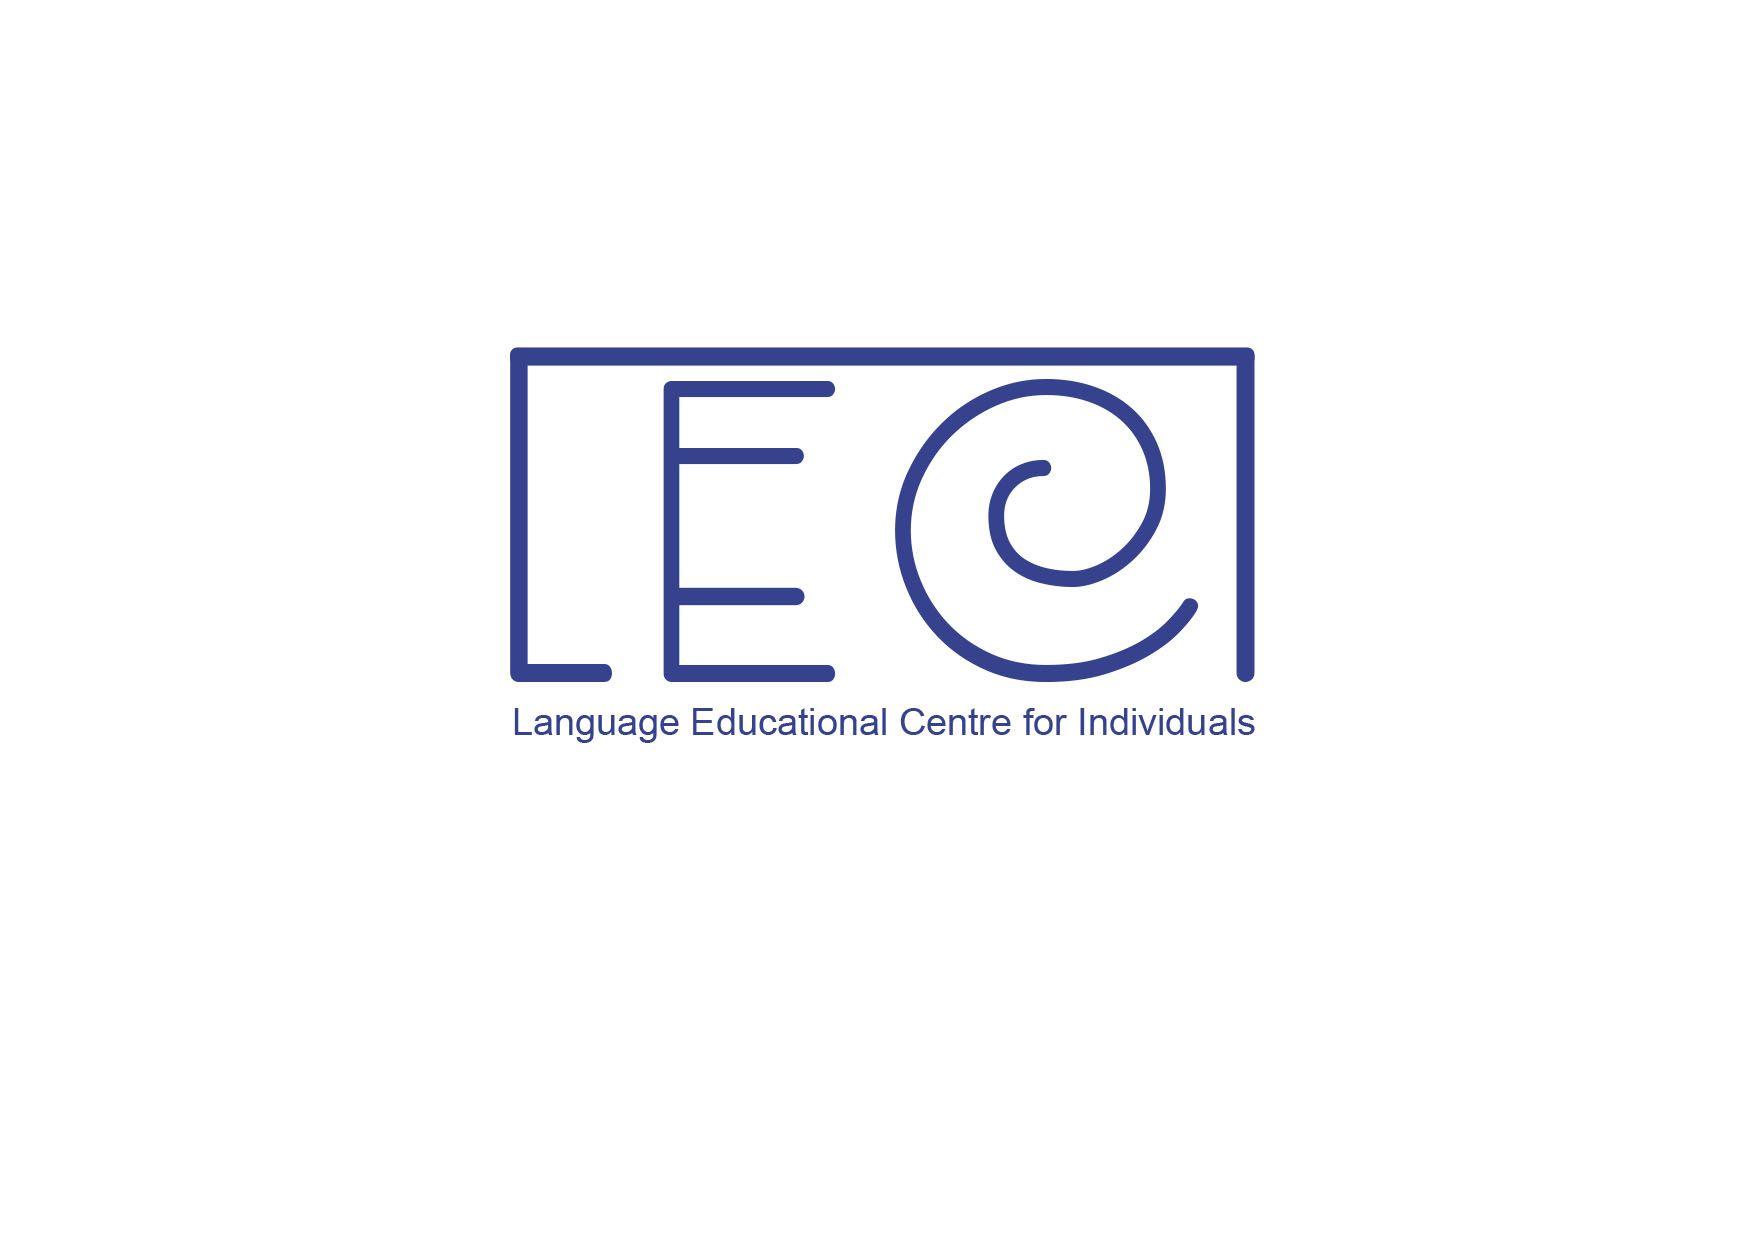 Лого для образовательного учреждения LECI  - дизайнер Capfir